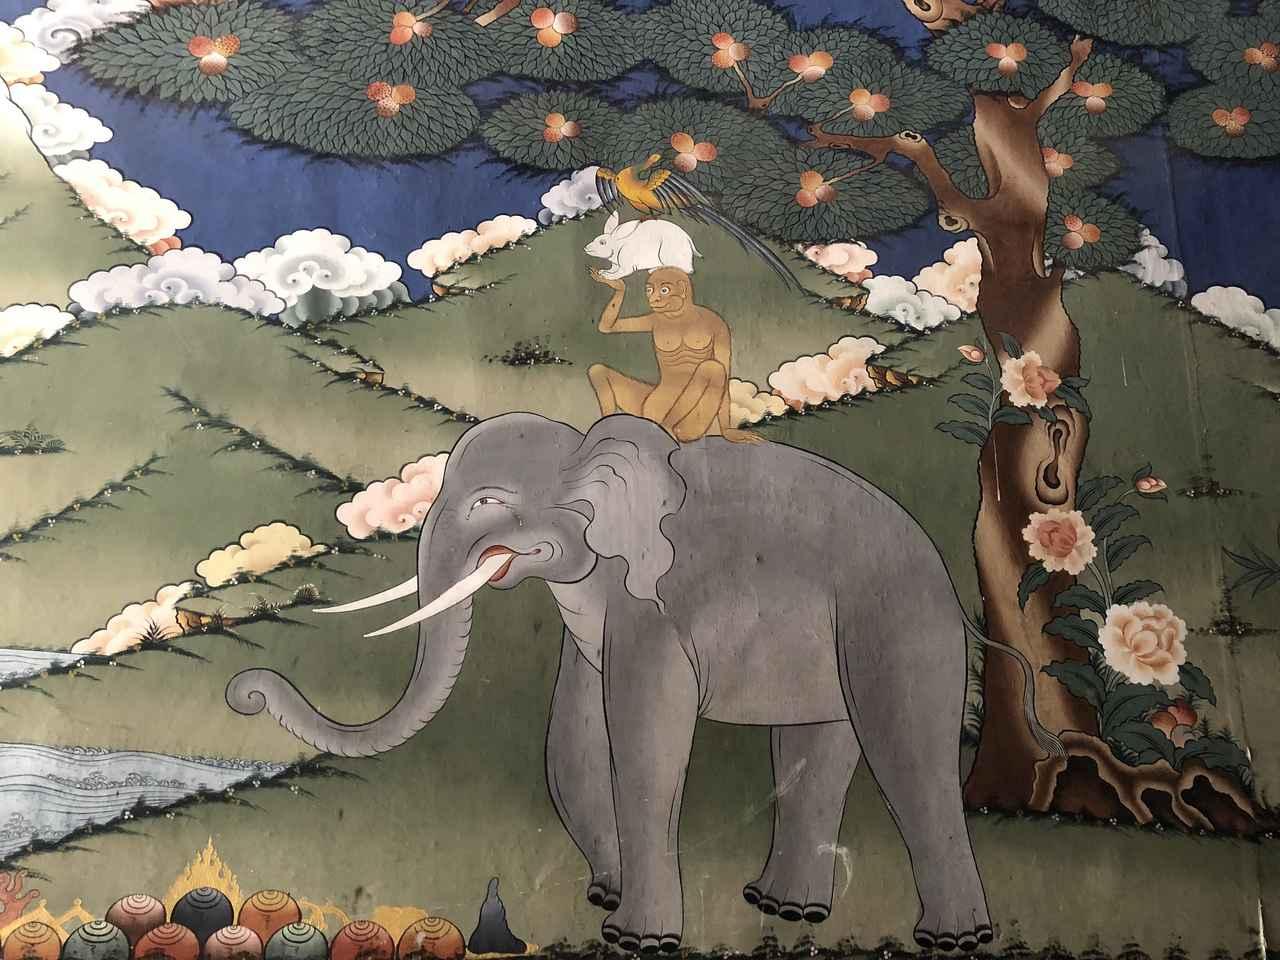 画像: パロ ブータンでよく見る伝統的な絵(2018年9月・弊社添乗員撮影)